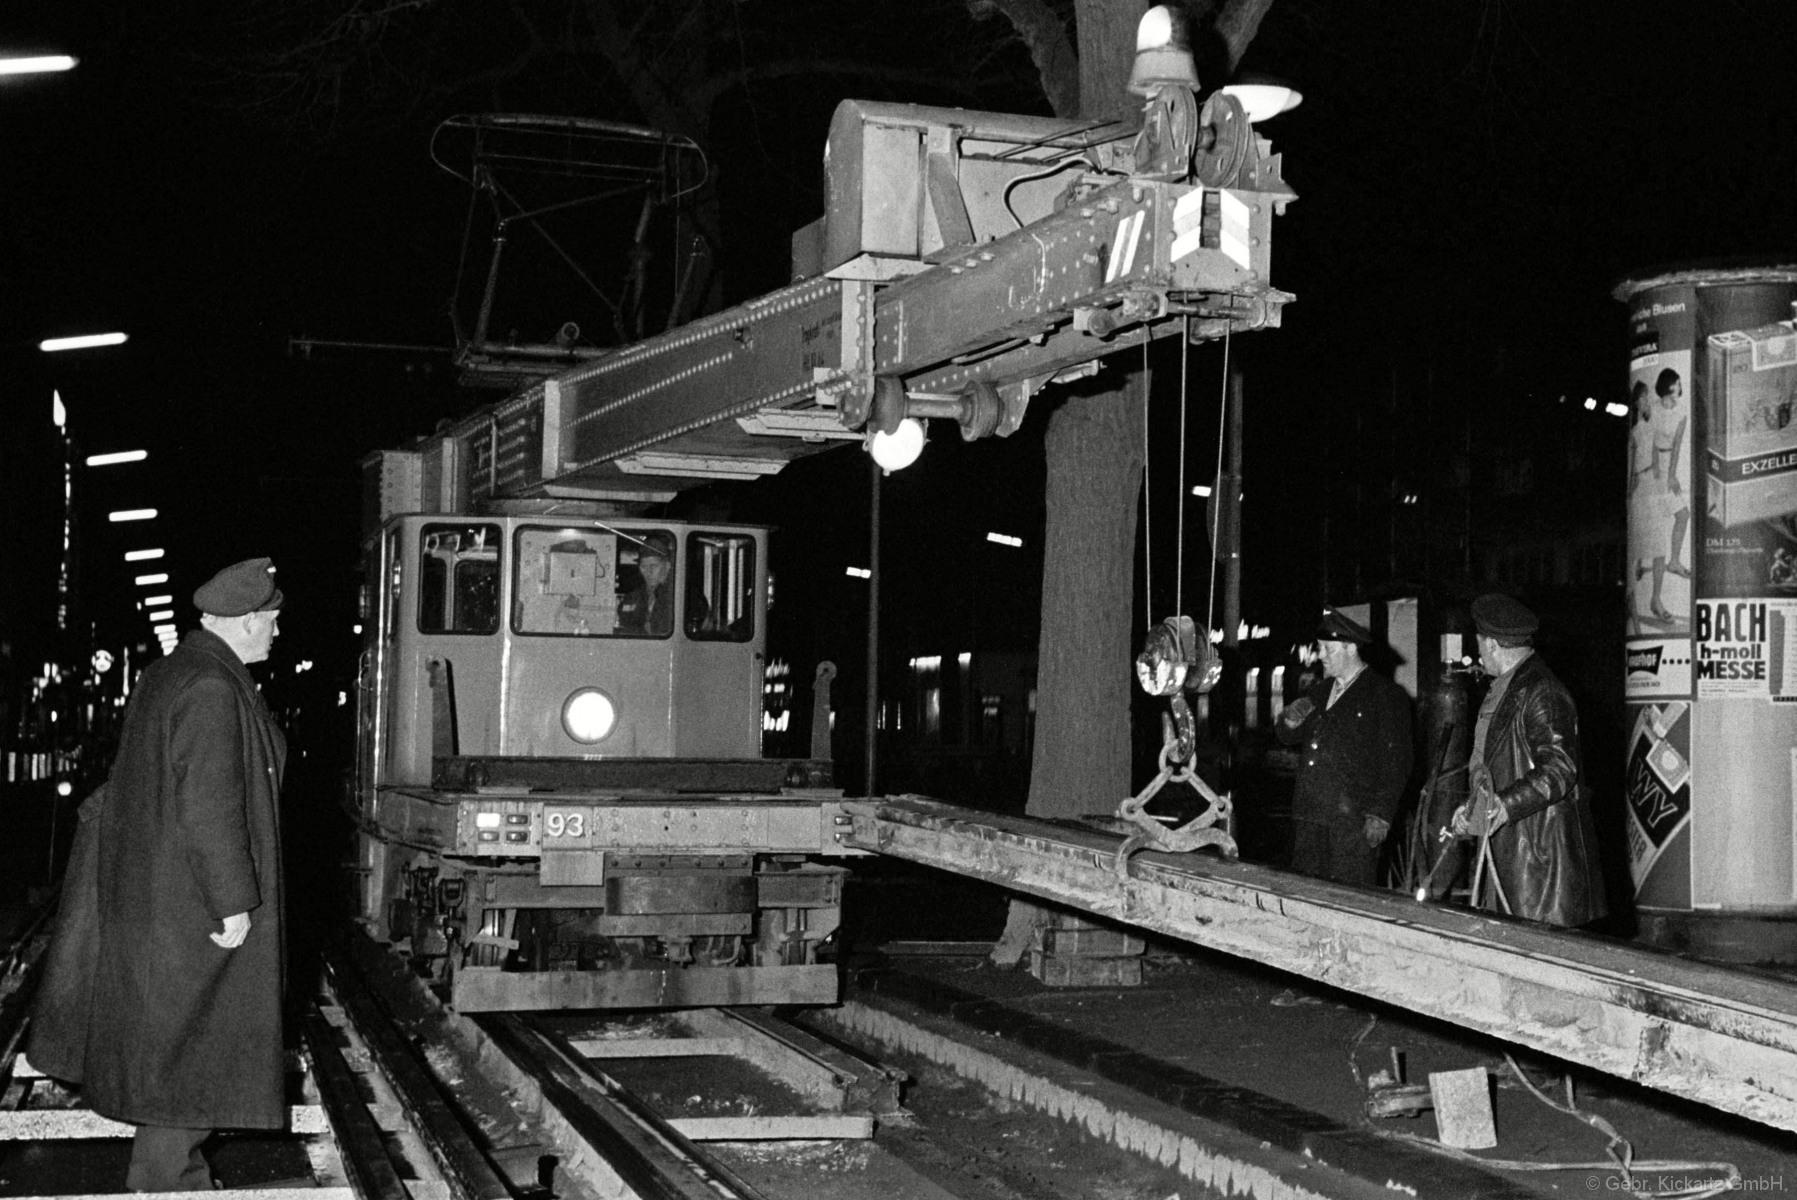 GALERIE OSTWALL NACHTSCHICHT 1966